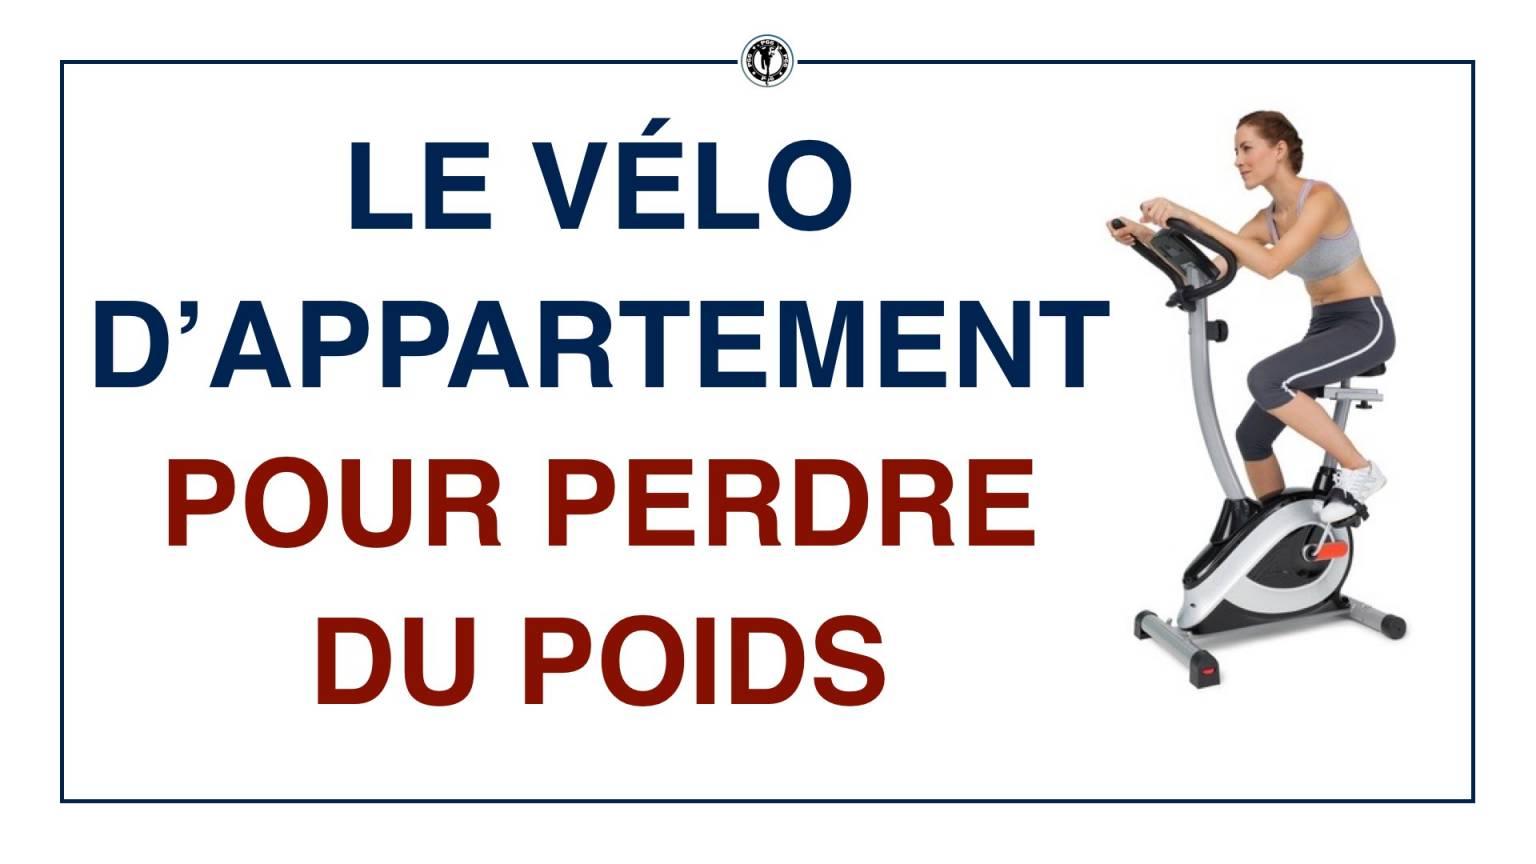 Le vélo d'appartement pour perdre du poids